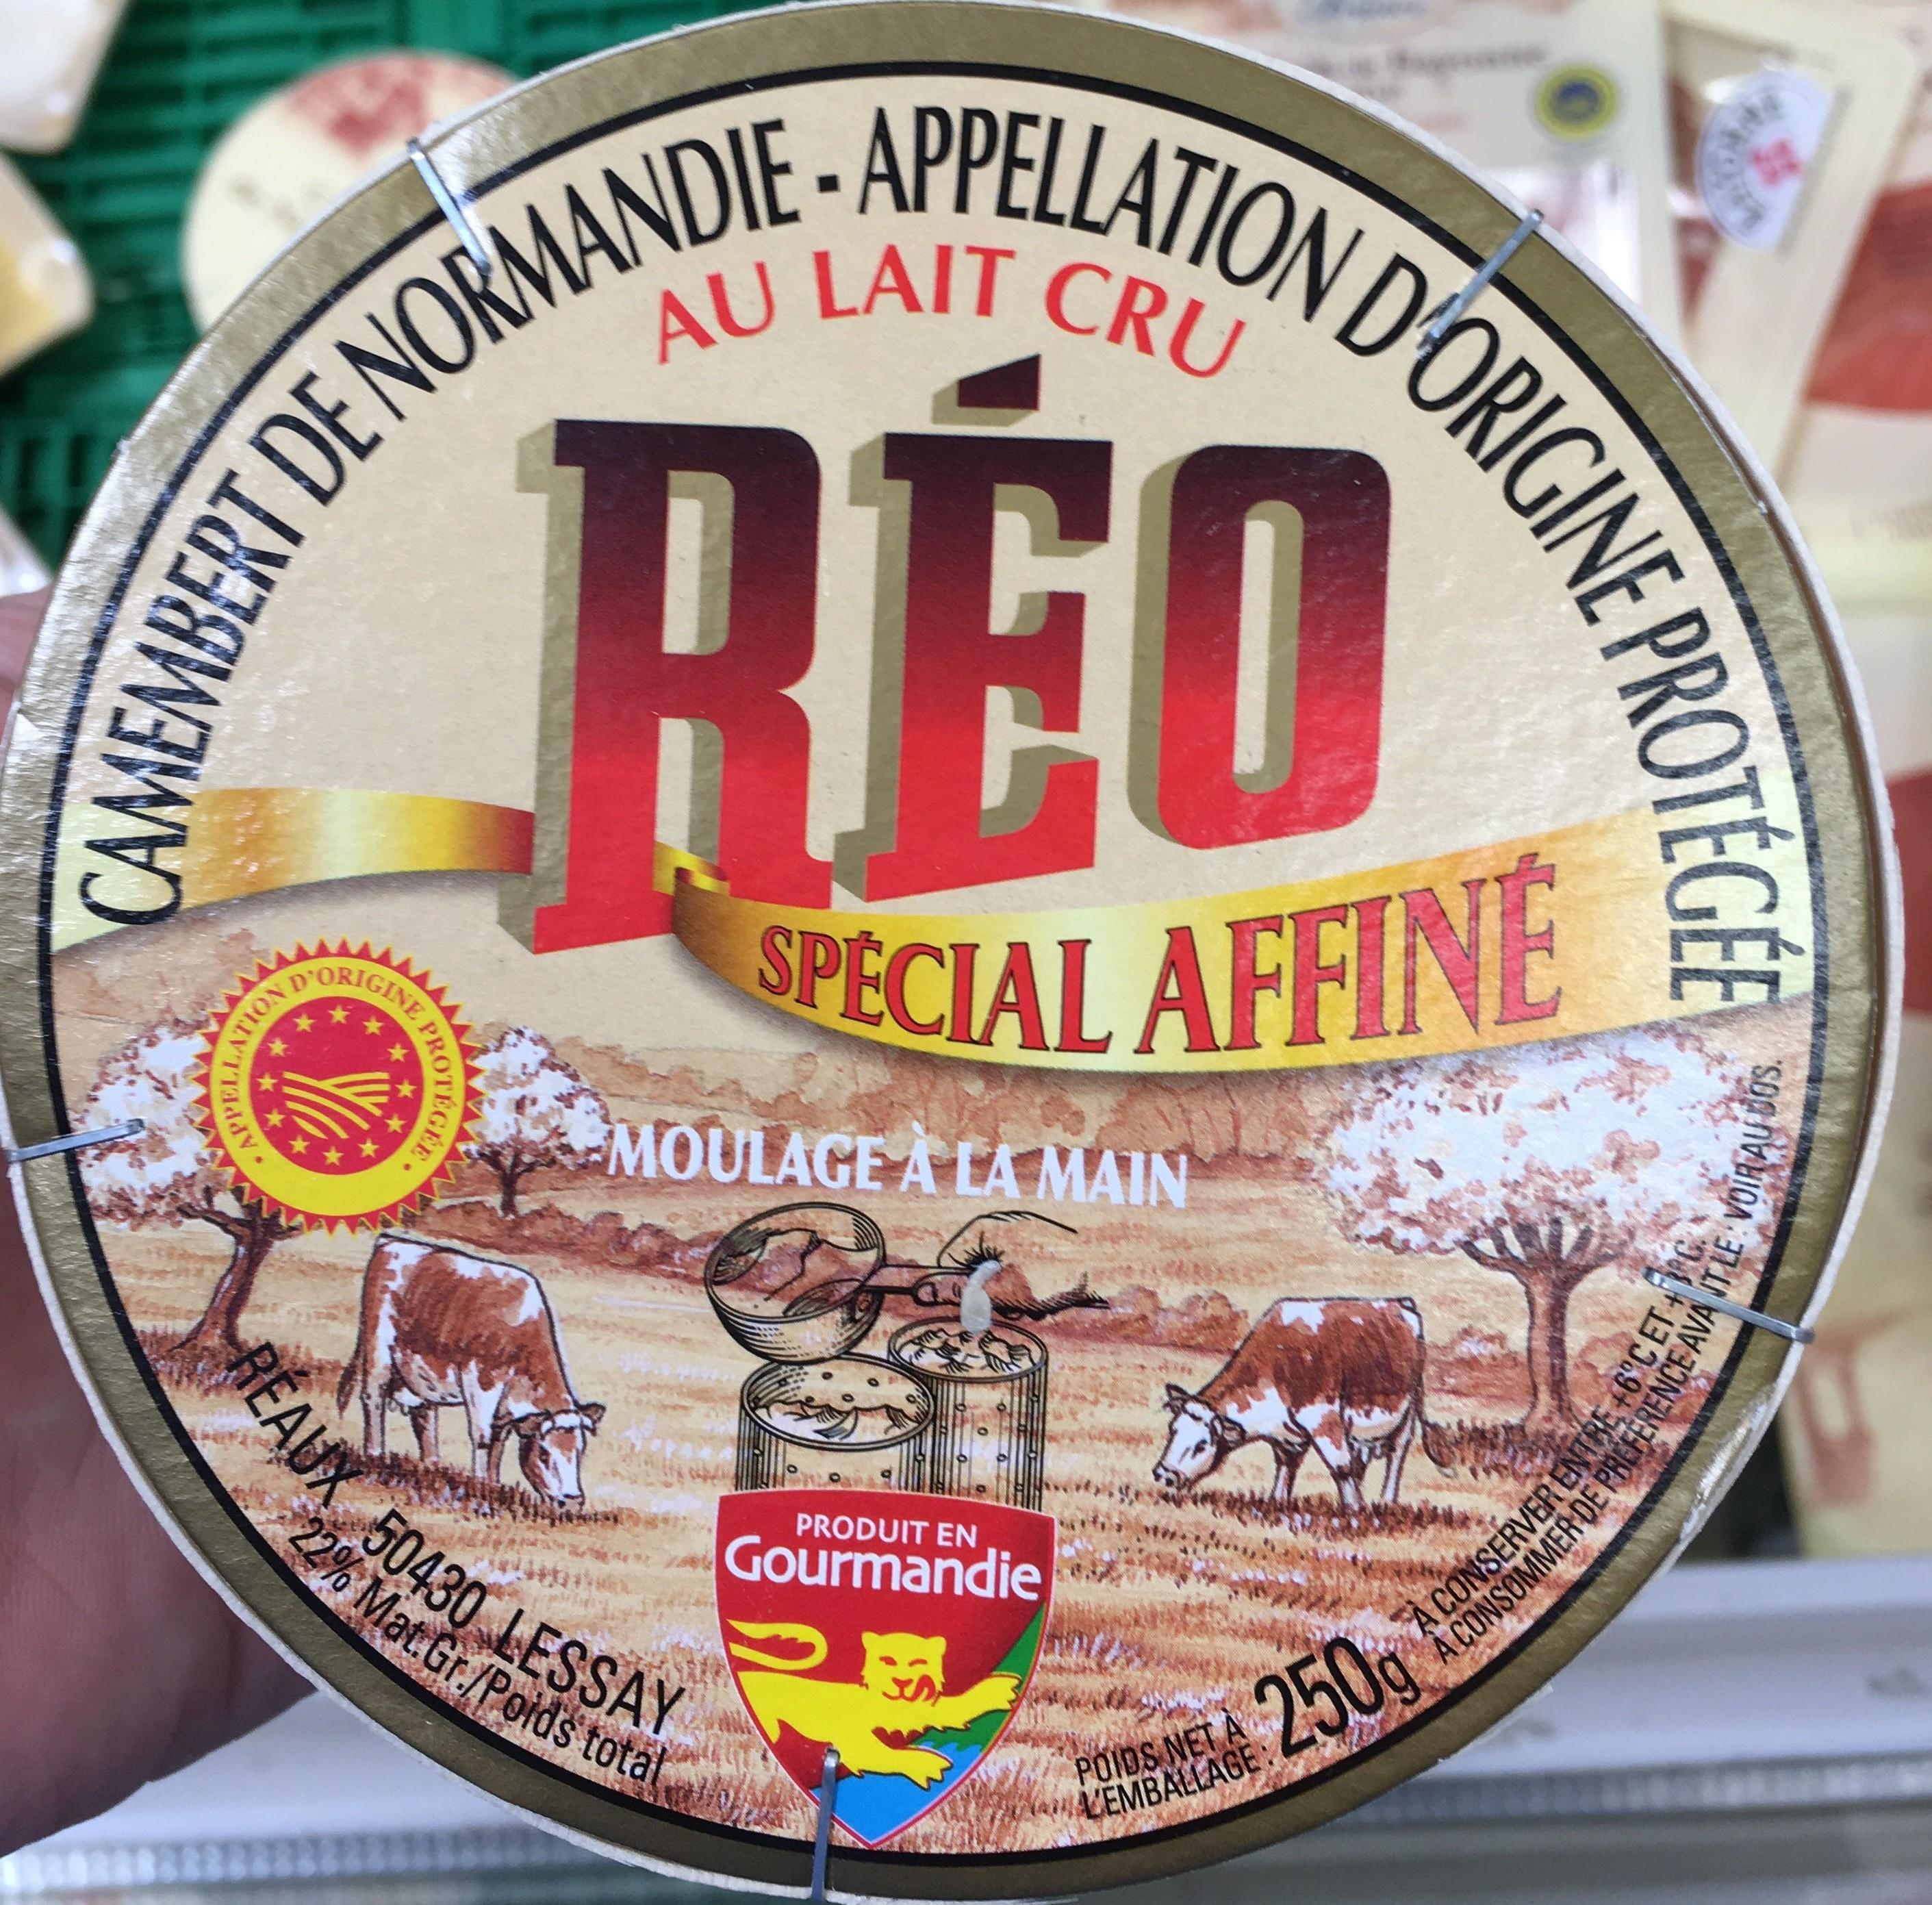 Camembert de Normandie au lait cru spécial affiné - Product - fr